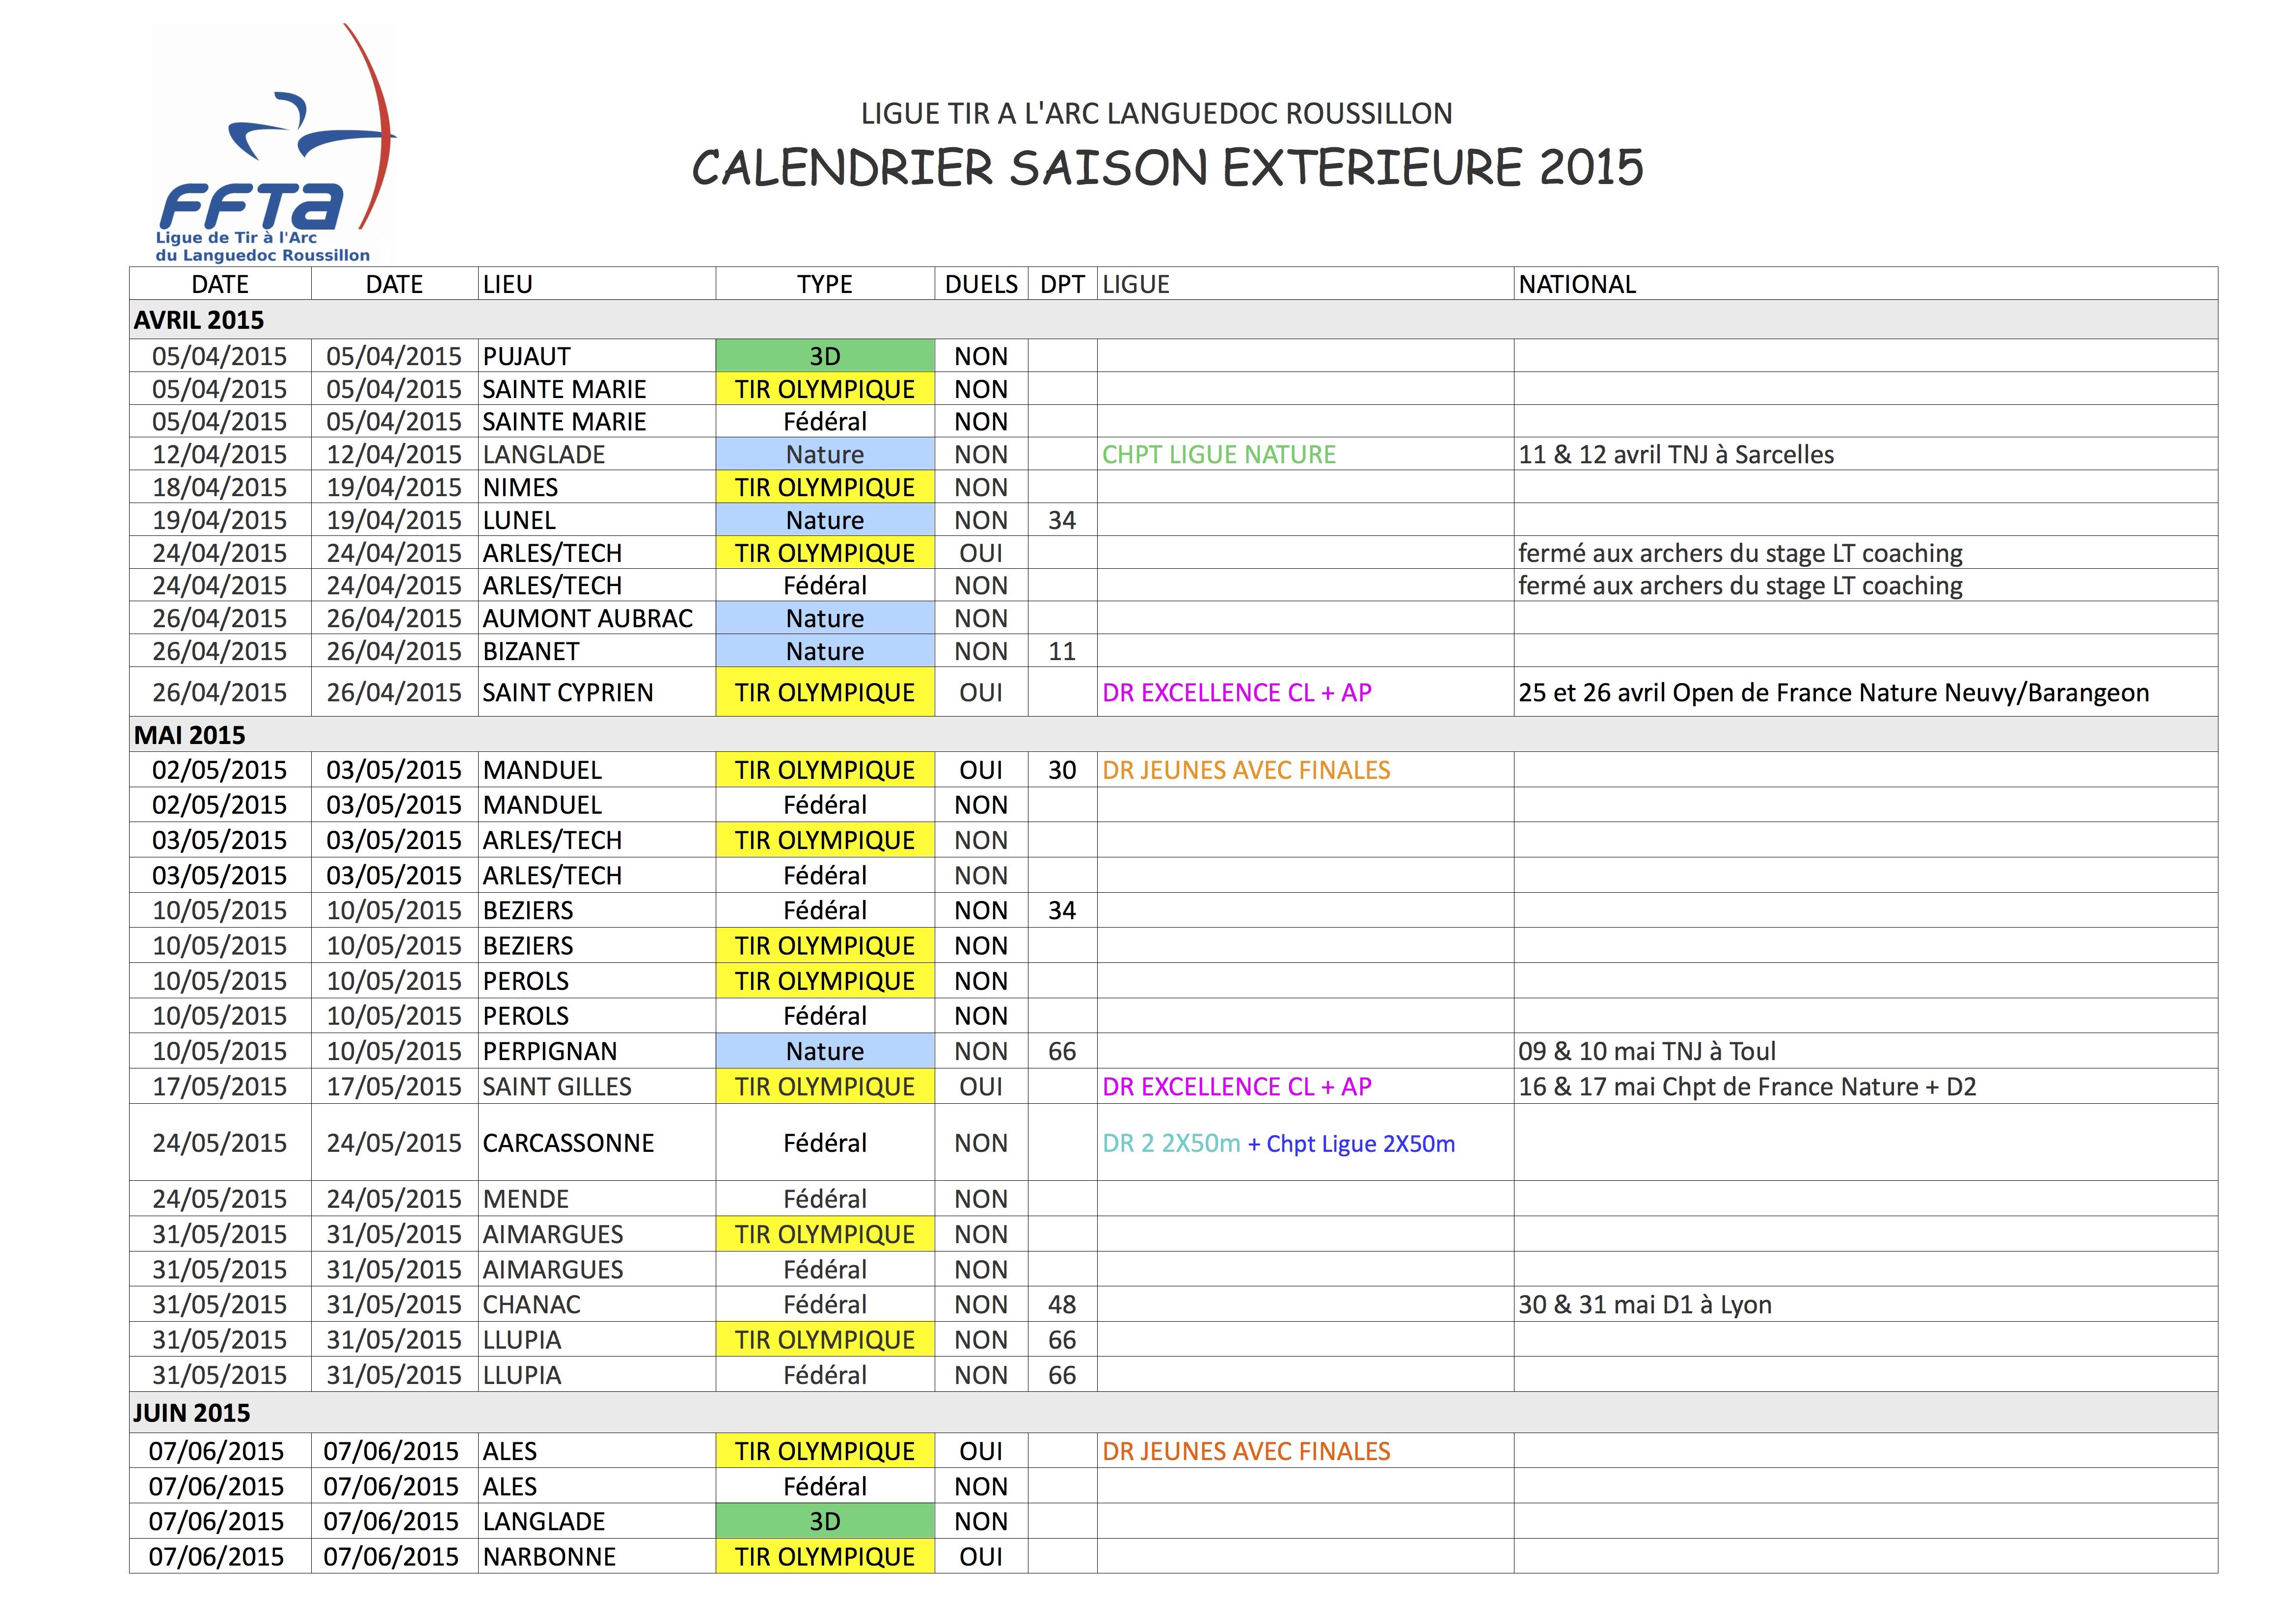 calendrier-exterieur-2015-ligue